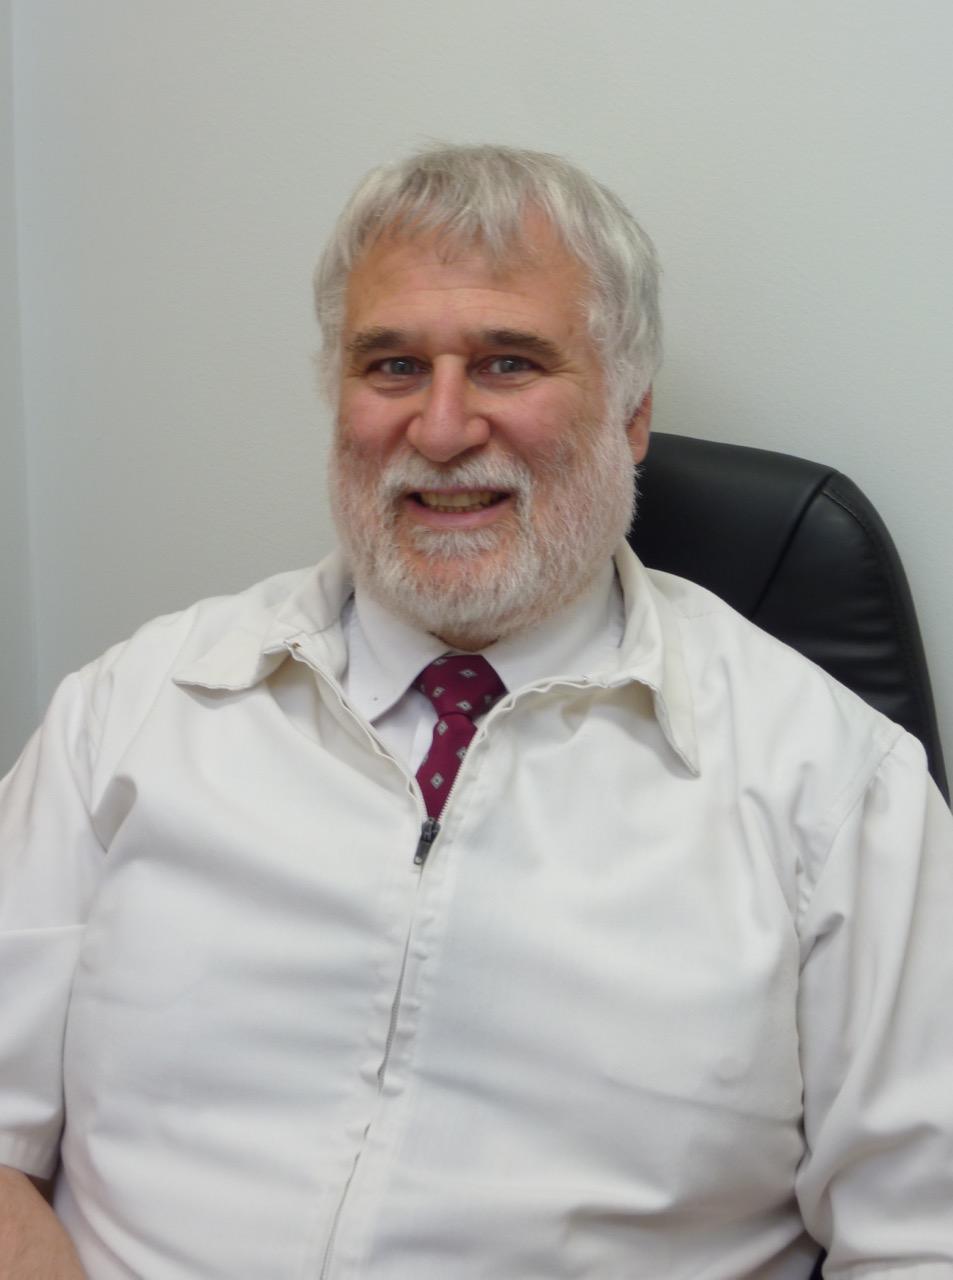 Dr. Christopher Turner